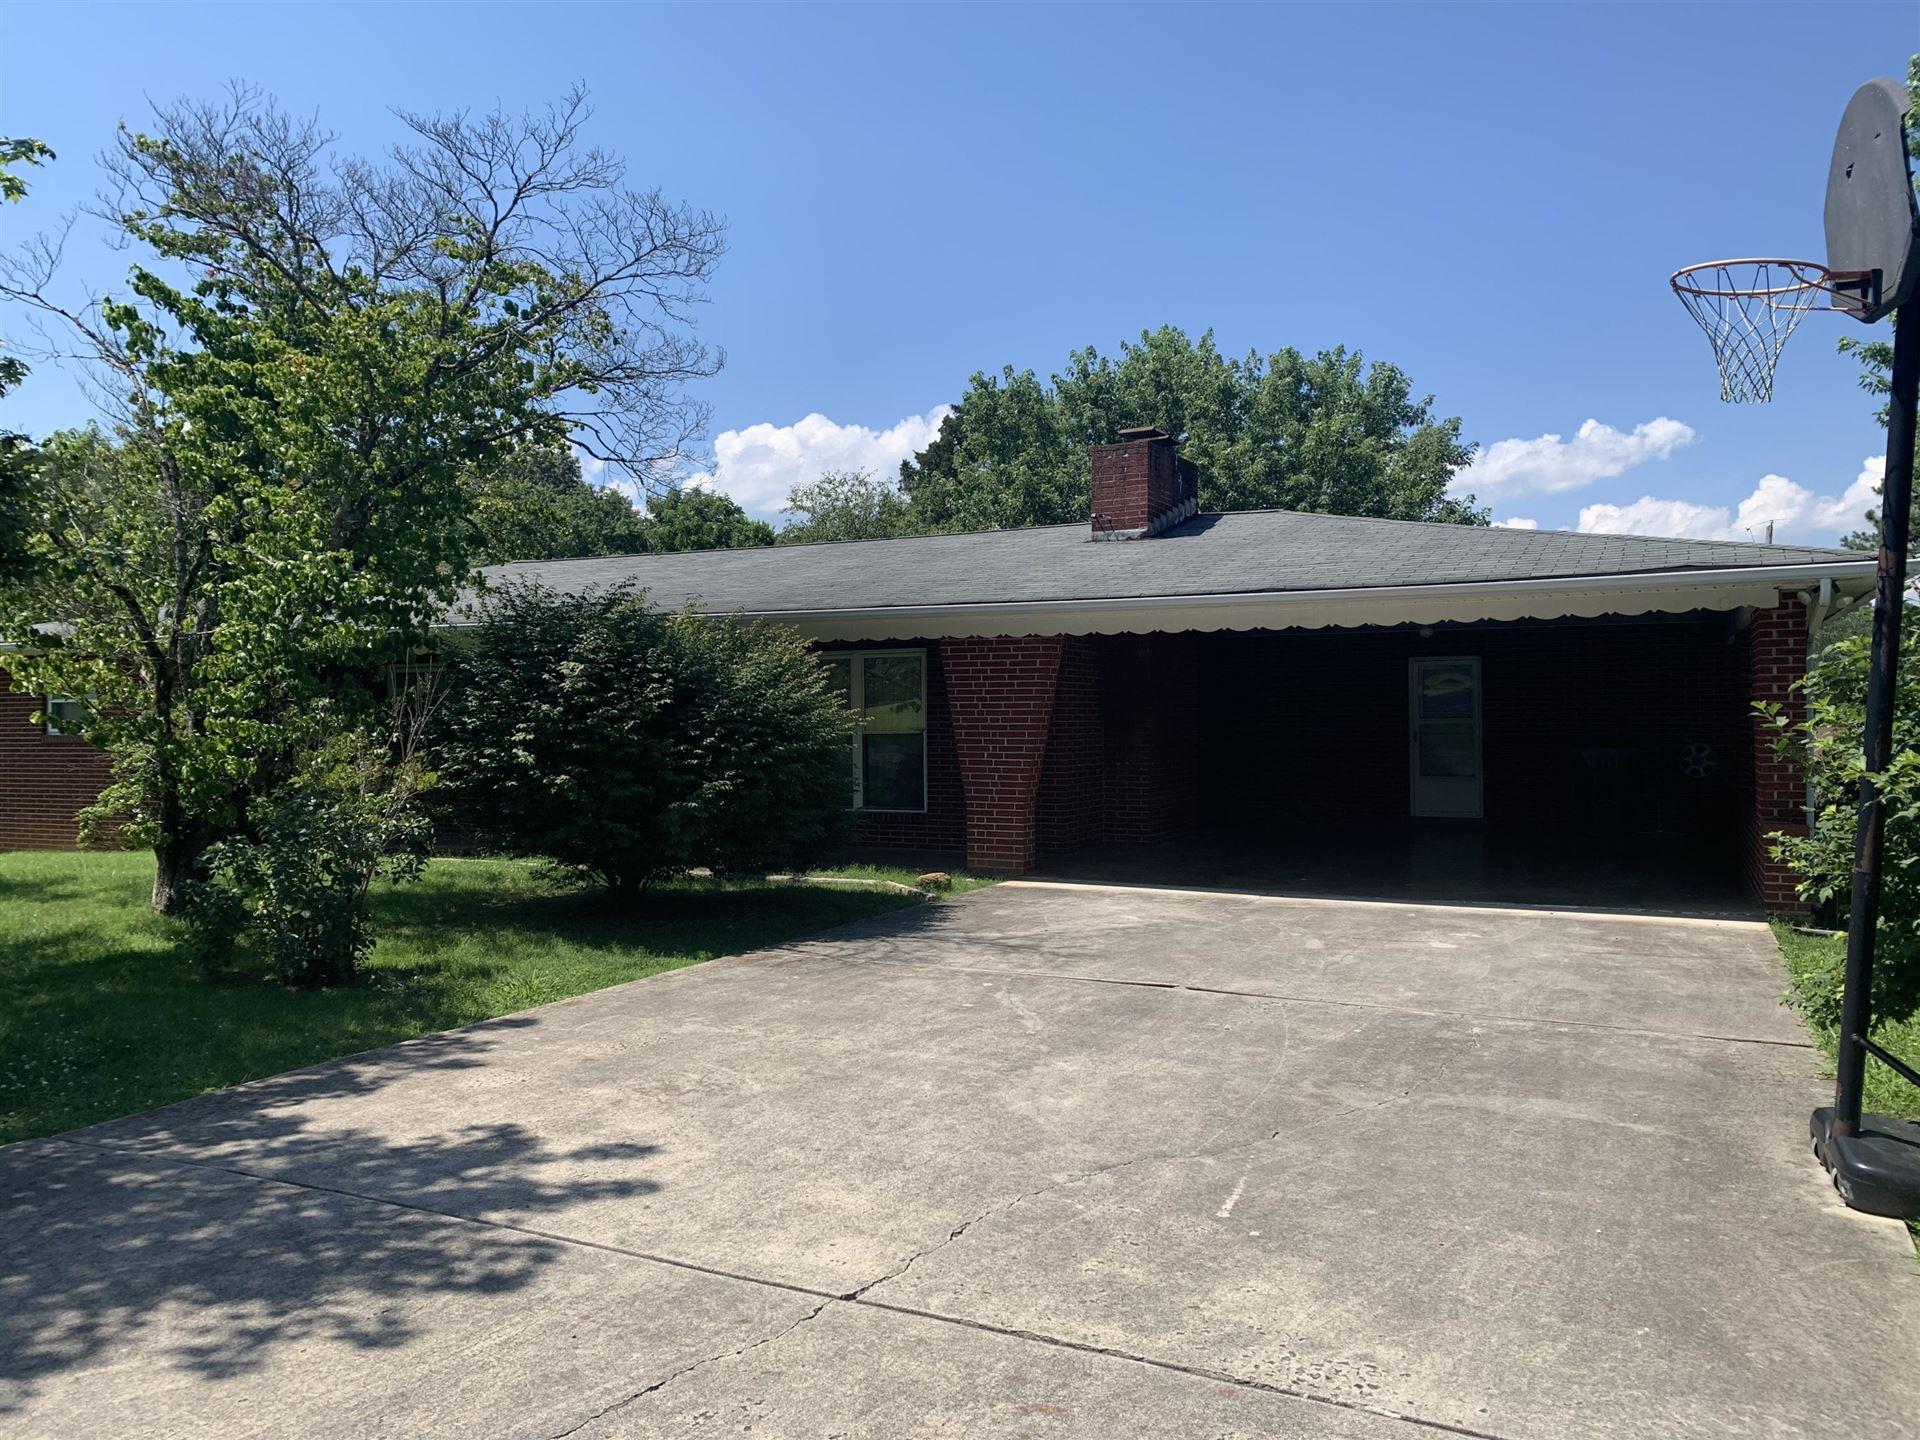 Photo of 611 Hardin Lane, Sevierville, TN 37862 (MLS # 1122124)